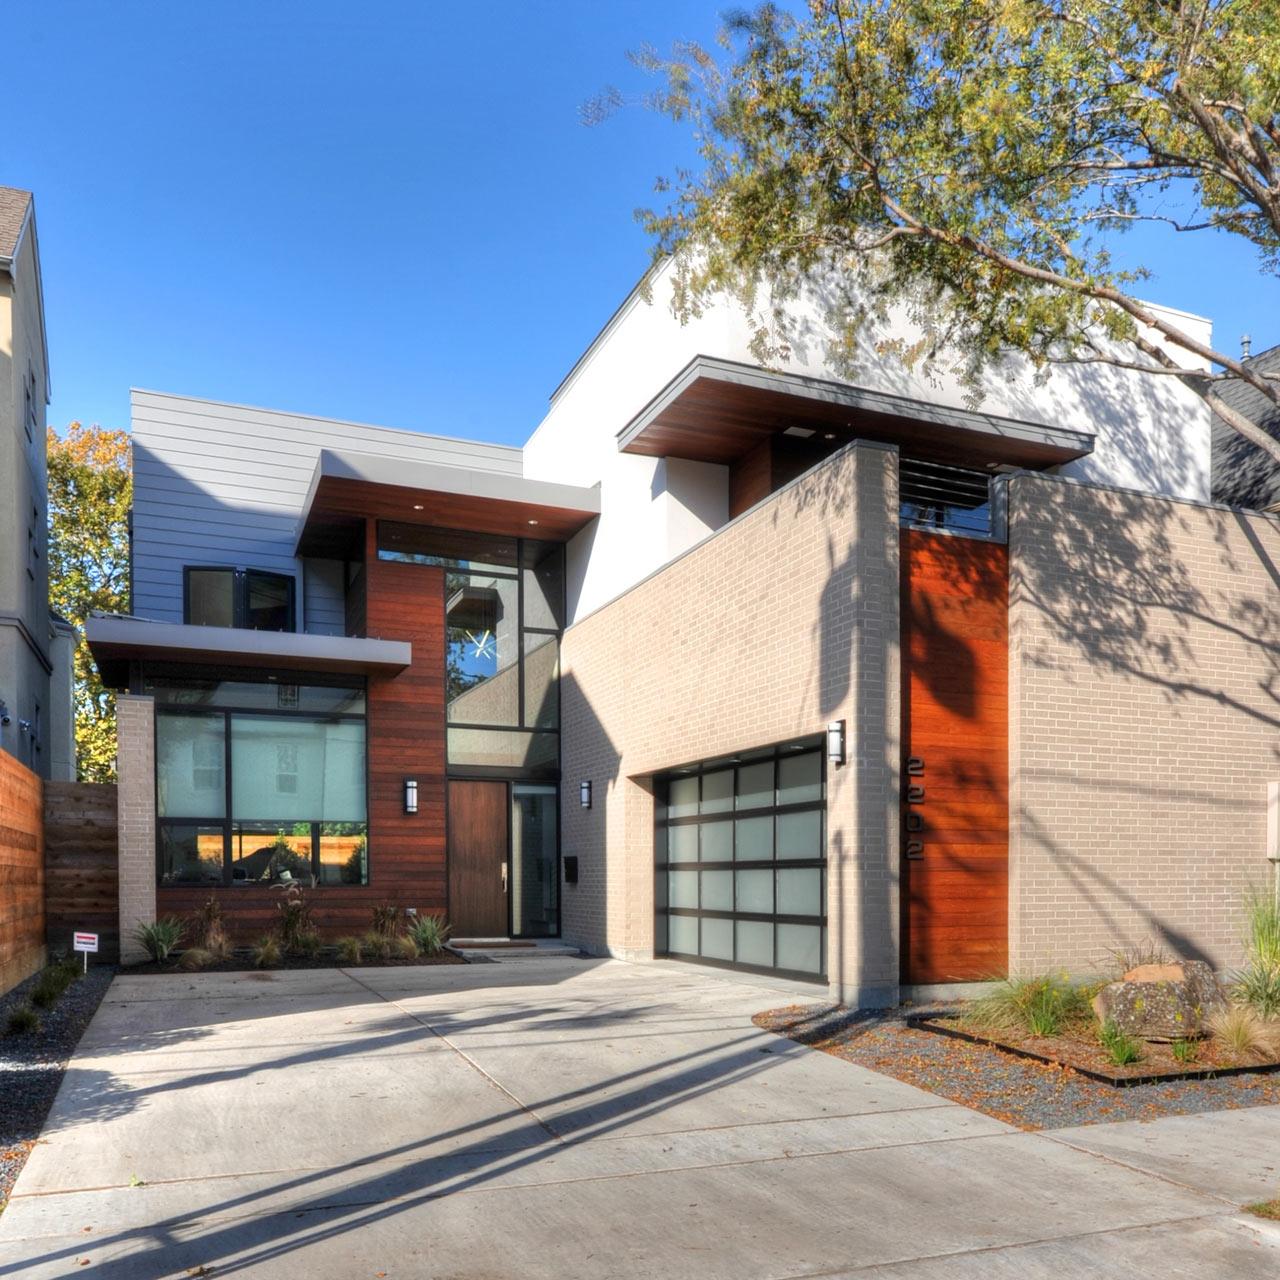 A Houston Residence Breaking the Neighborhood Mold